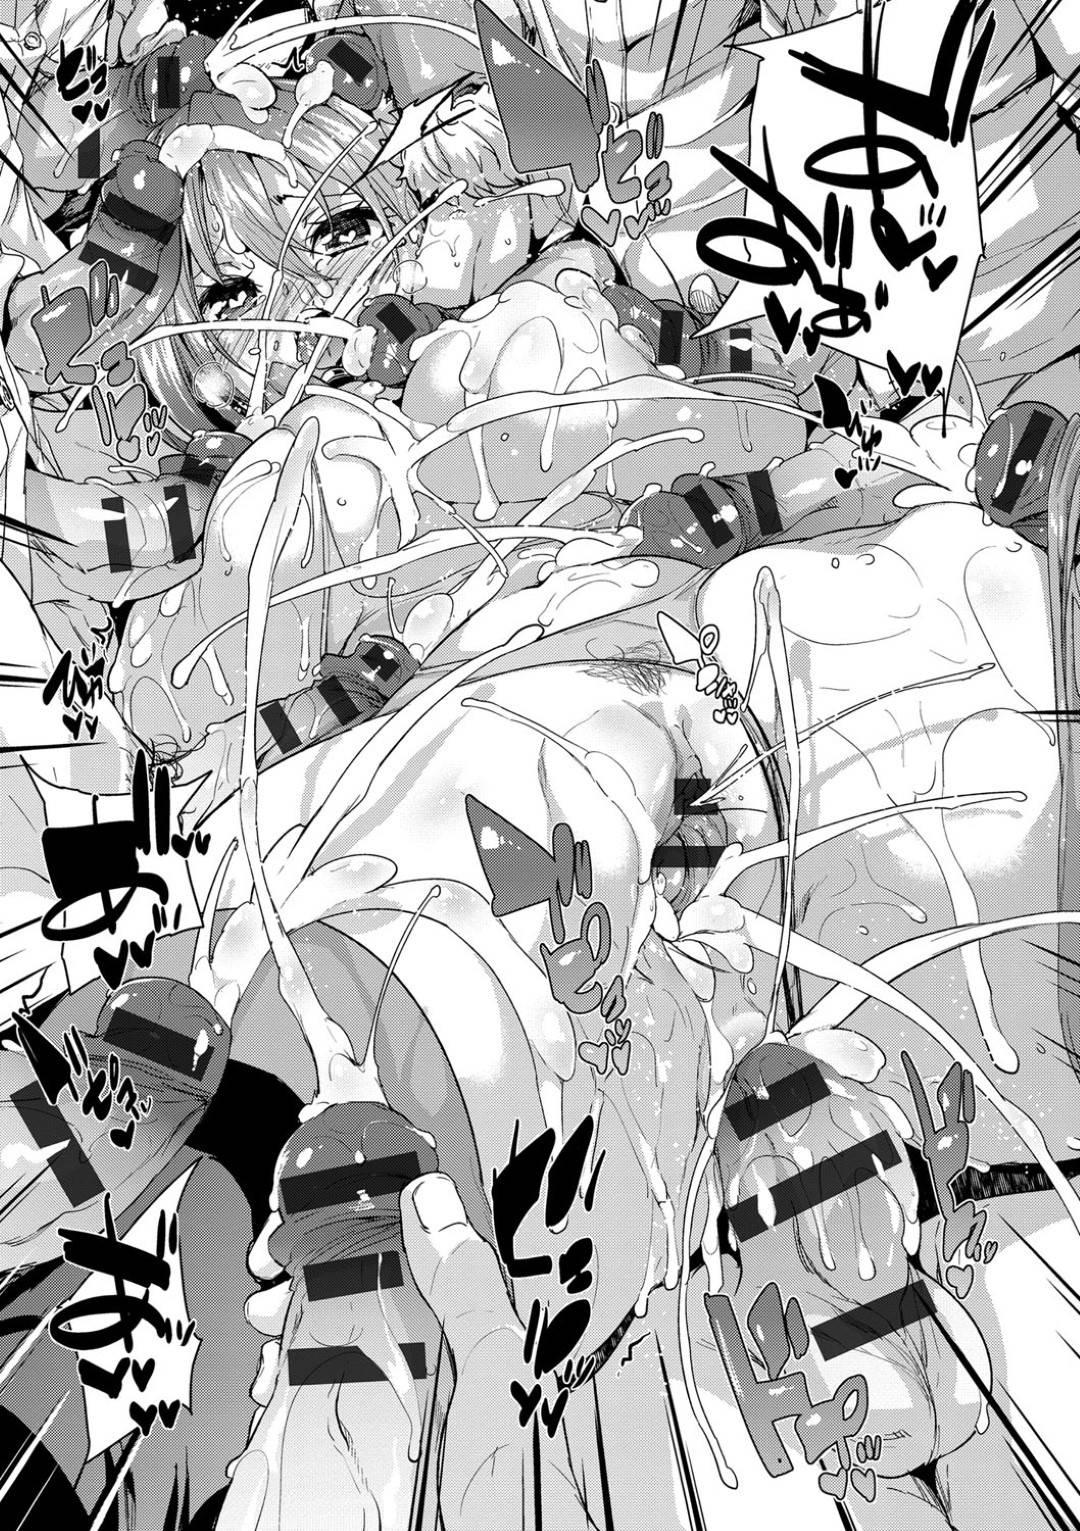 【エロ漫画】誕生日に残業して帰宅しようとする巨乳女教師…溜息をついて帰ろうとすると下駄箱に部室呼び出しの貼り紙があり男子生徒が誕生日のお祝いをしてくれることに!【丸居まる】